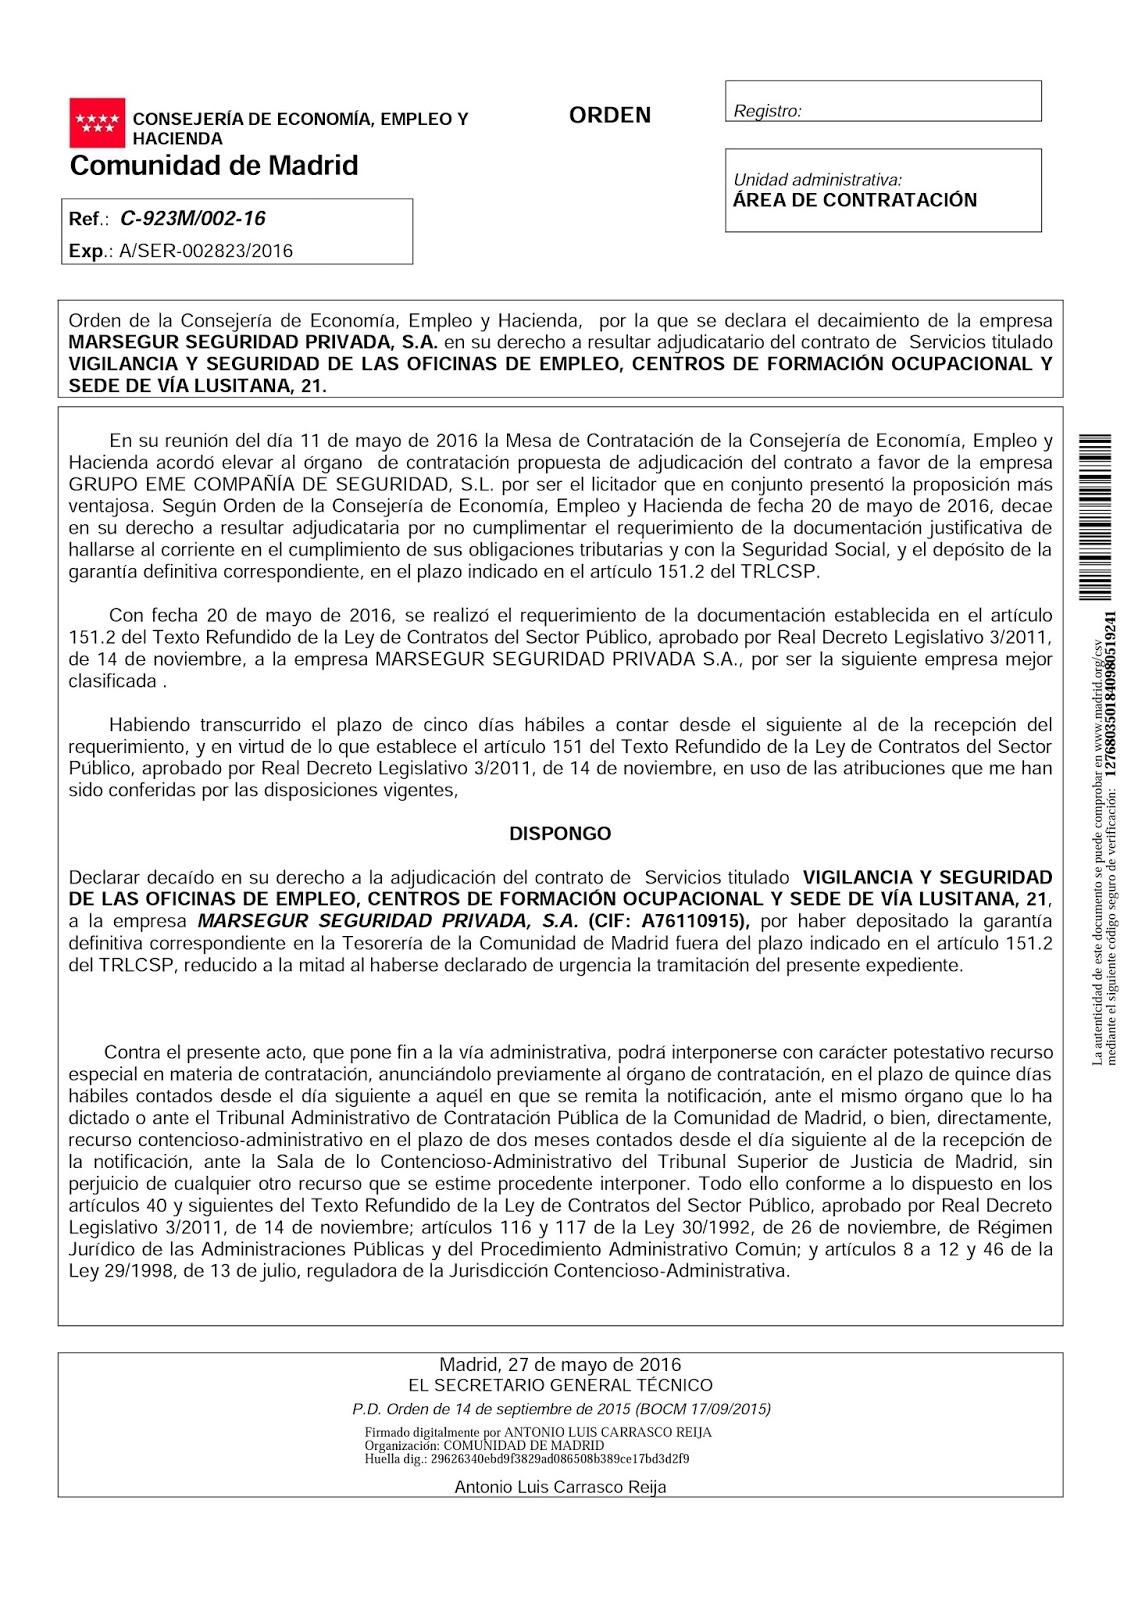 Ftsp uso las palmas una muy buena noticia la empresa pirata marsegur pierde un contrato en madrid - Oficina de empleo las palmas ...